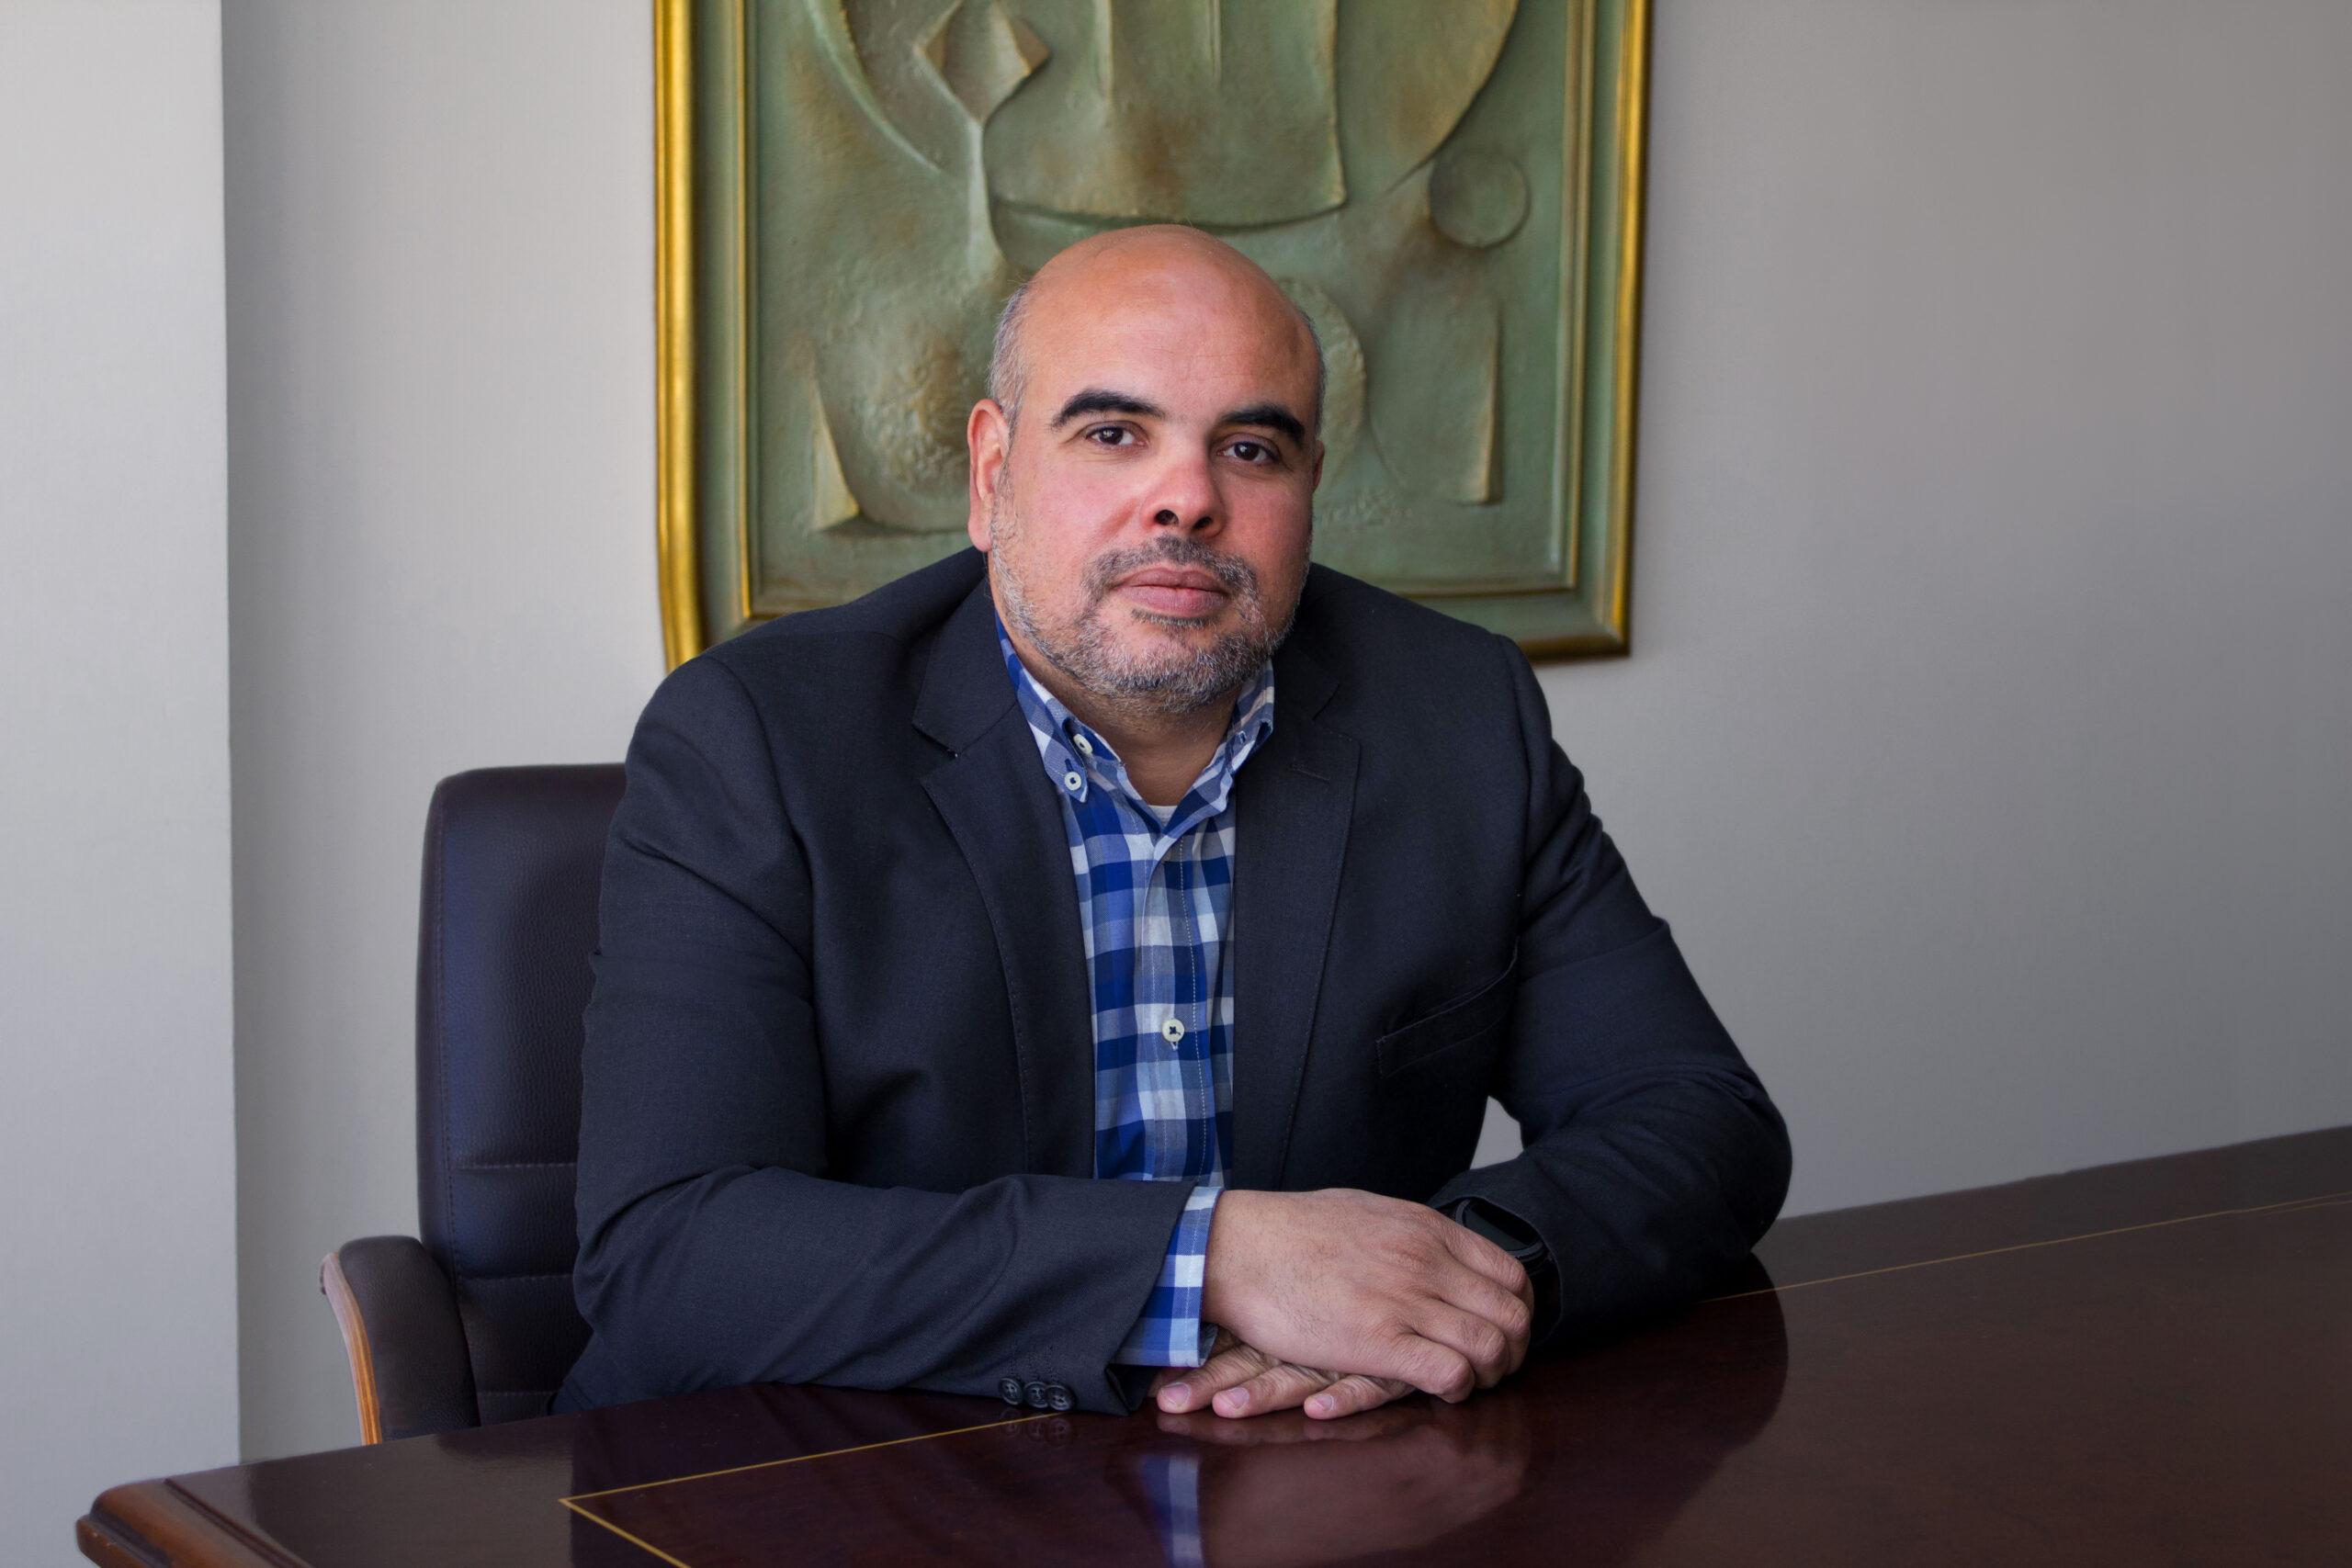 Mohamed Abdel Hady